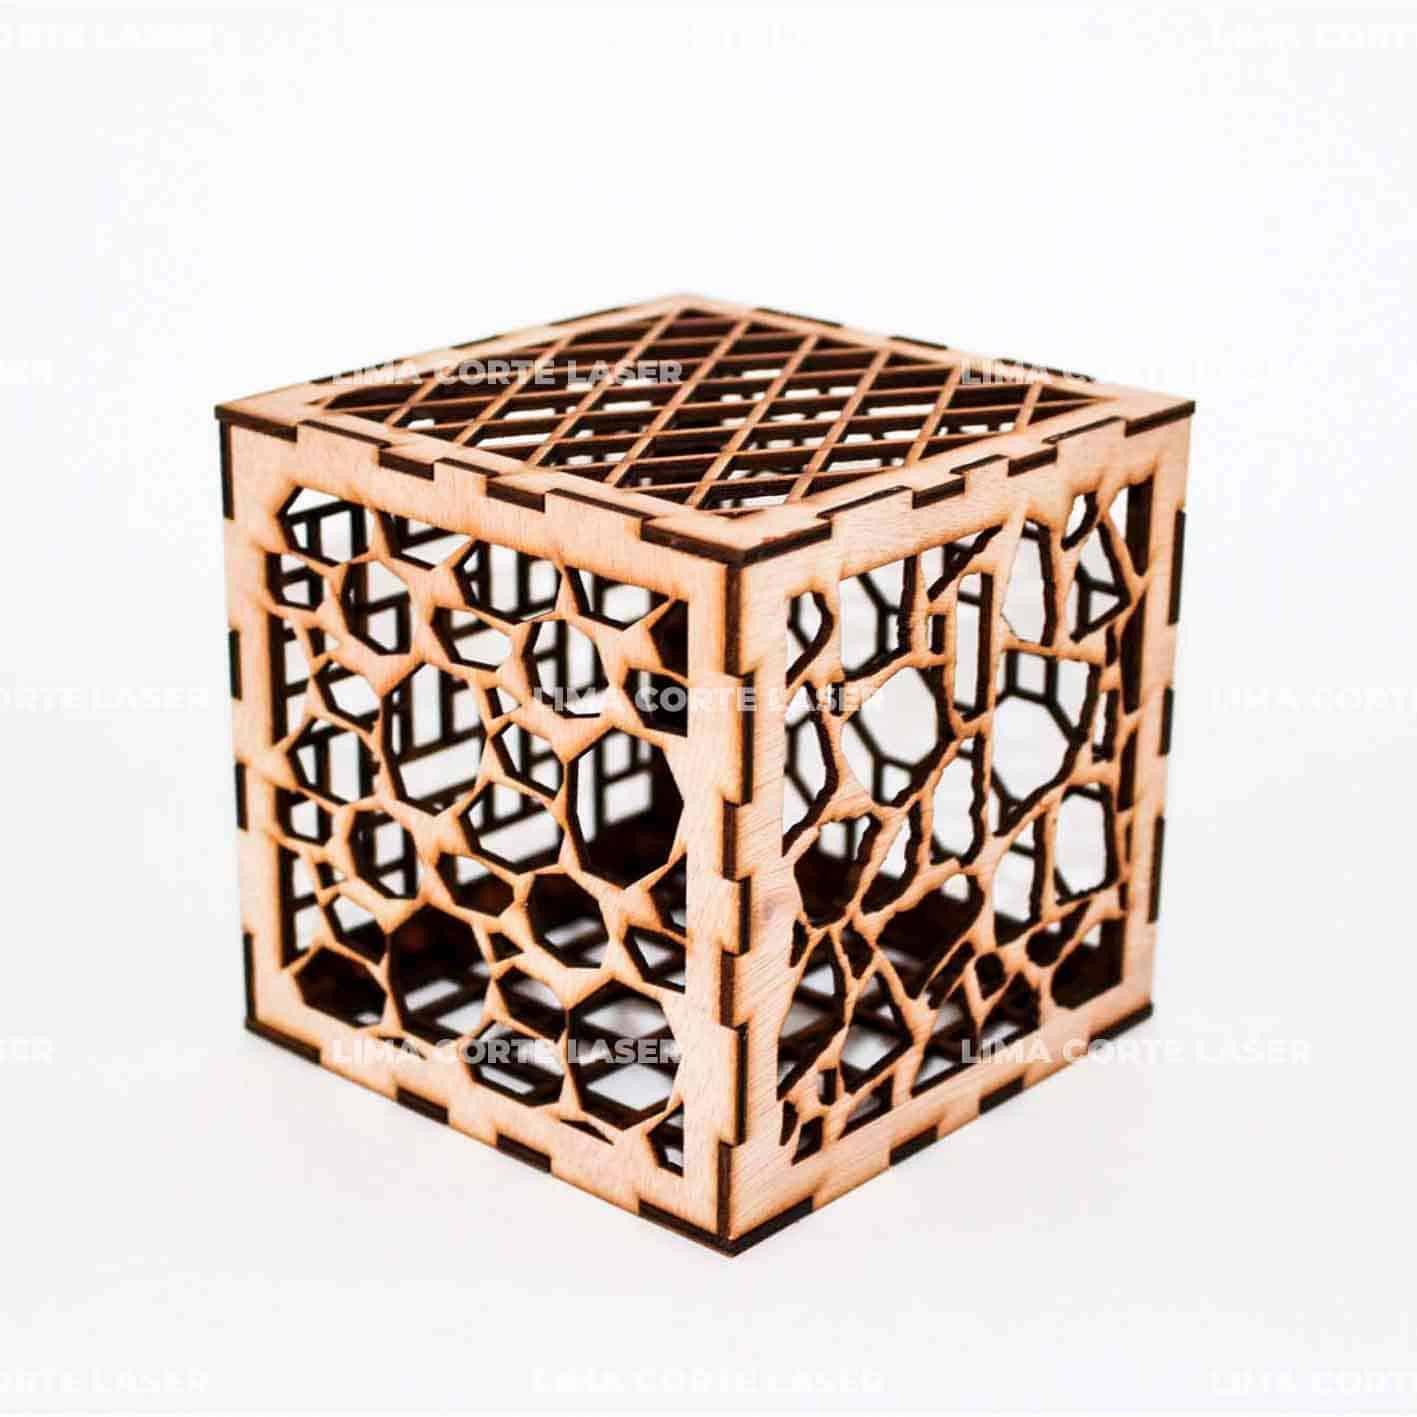 Cubo de madera con figuras geométricas cortado con láser